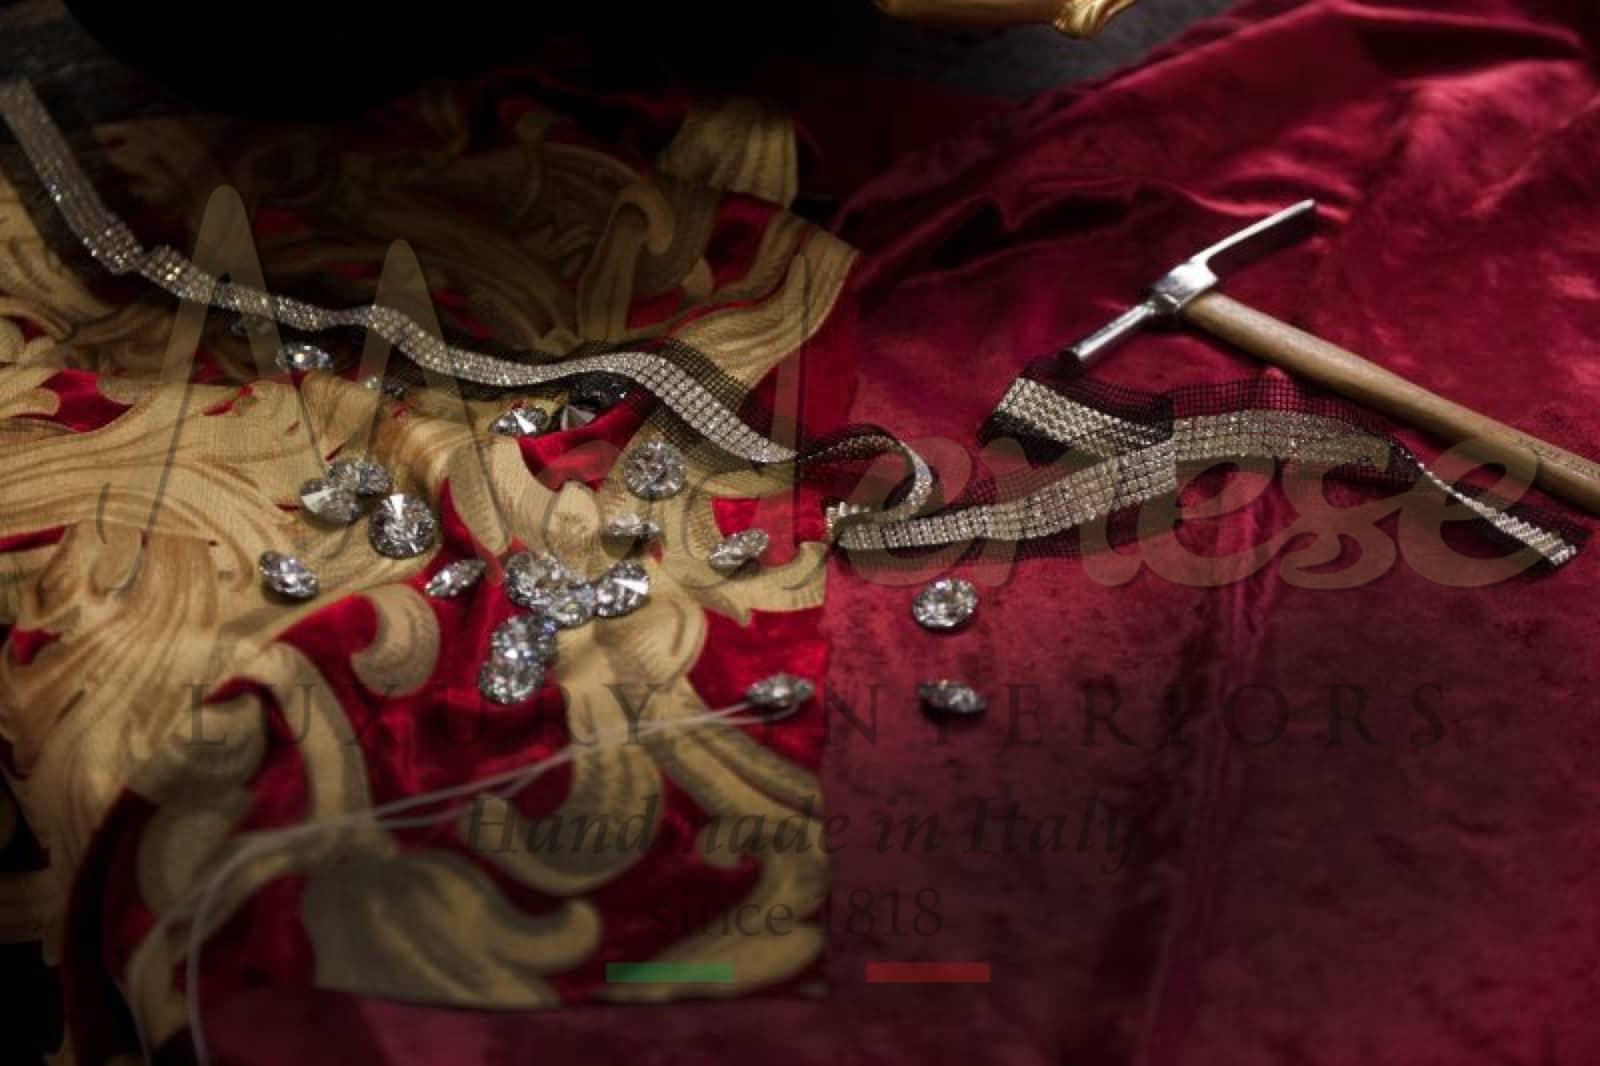 золотые, серебряные металлы Сваровски, драгоценные материалы, качество, ткани премиум-класса, итальянский декор, роскошная мебель, производство ручной работы в Италии, ремесленный дух, детали в стиле барокко, декор для дома, рококо дизайн идеи вне времени, дизайна интерьера, изысканный вкус, стандарты контроля качества